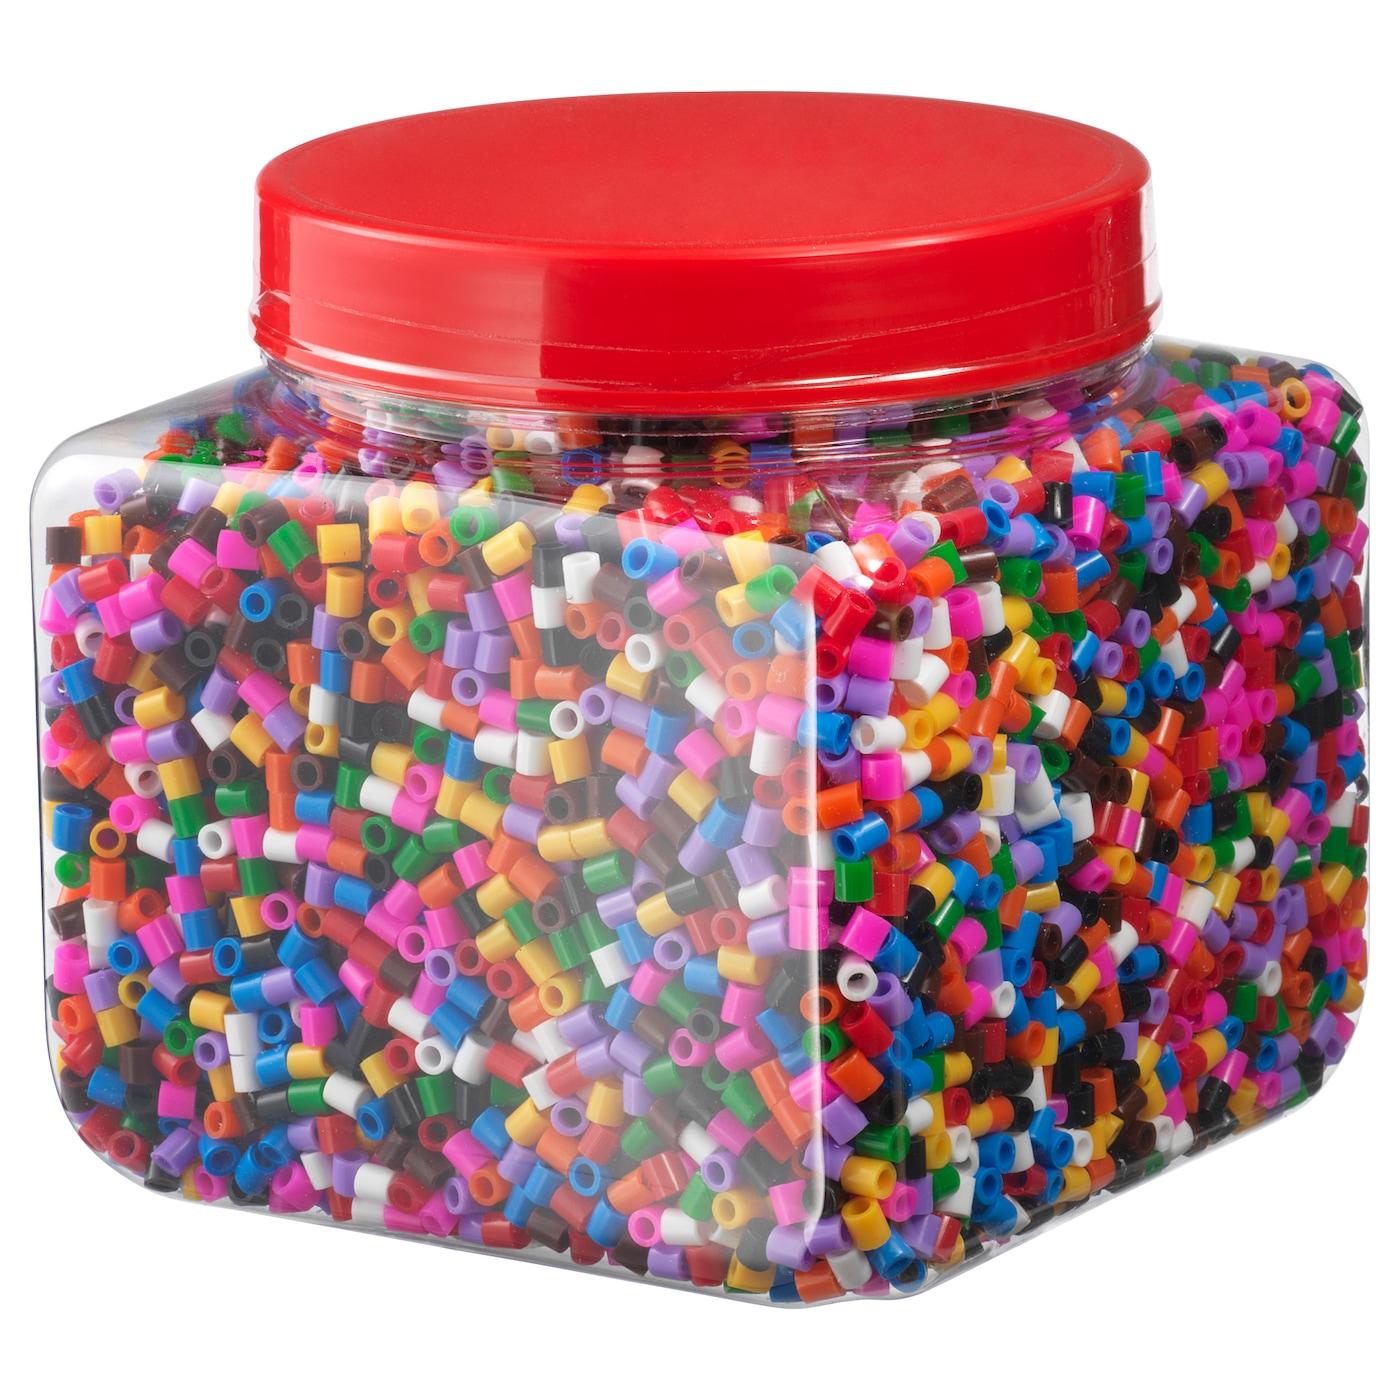 Ikea 14 000 Bugelperlen Verschiedene Farben Steckperlenplatte